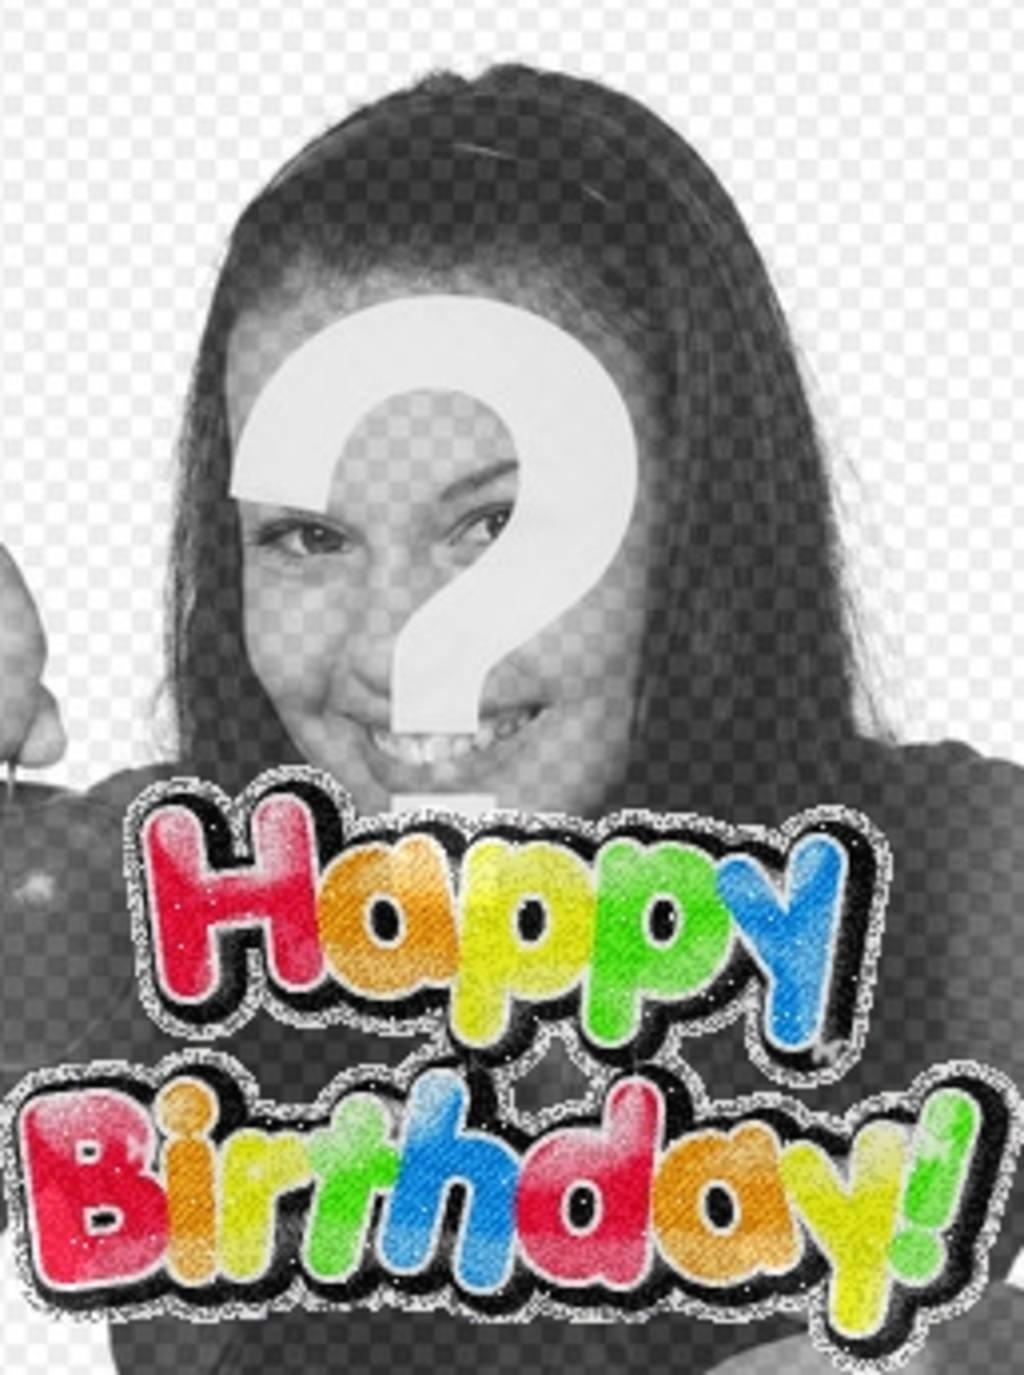 Fotomontagem para fazer seu próprio cartão de aniversário, você pode personalizar com uma foto. O modelo para esta fotomontagem, o texto é um aniversário, o colorido alegre, brilhante animada. Para desejar um feliz aniversário